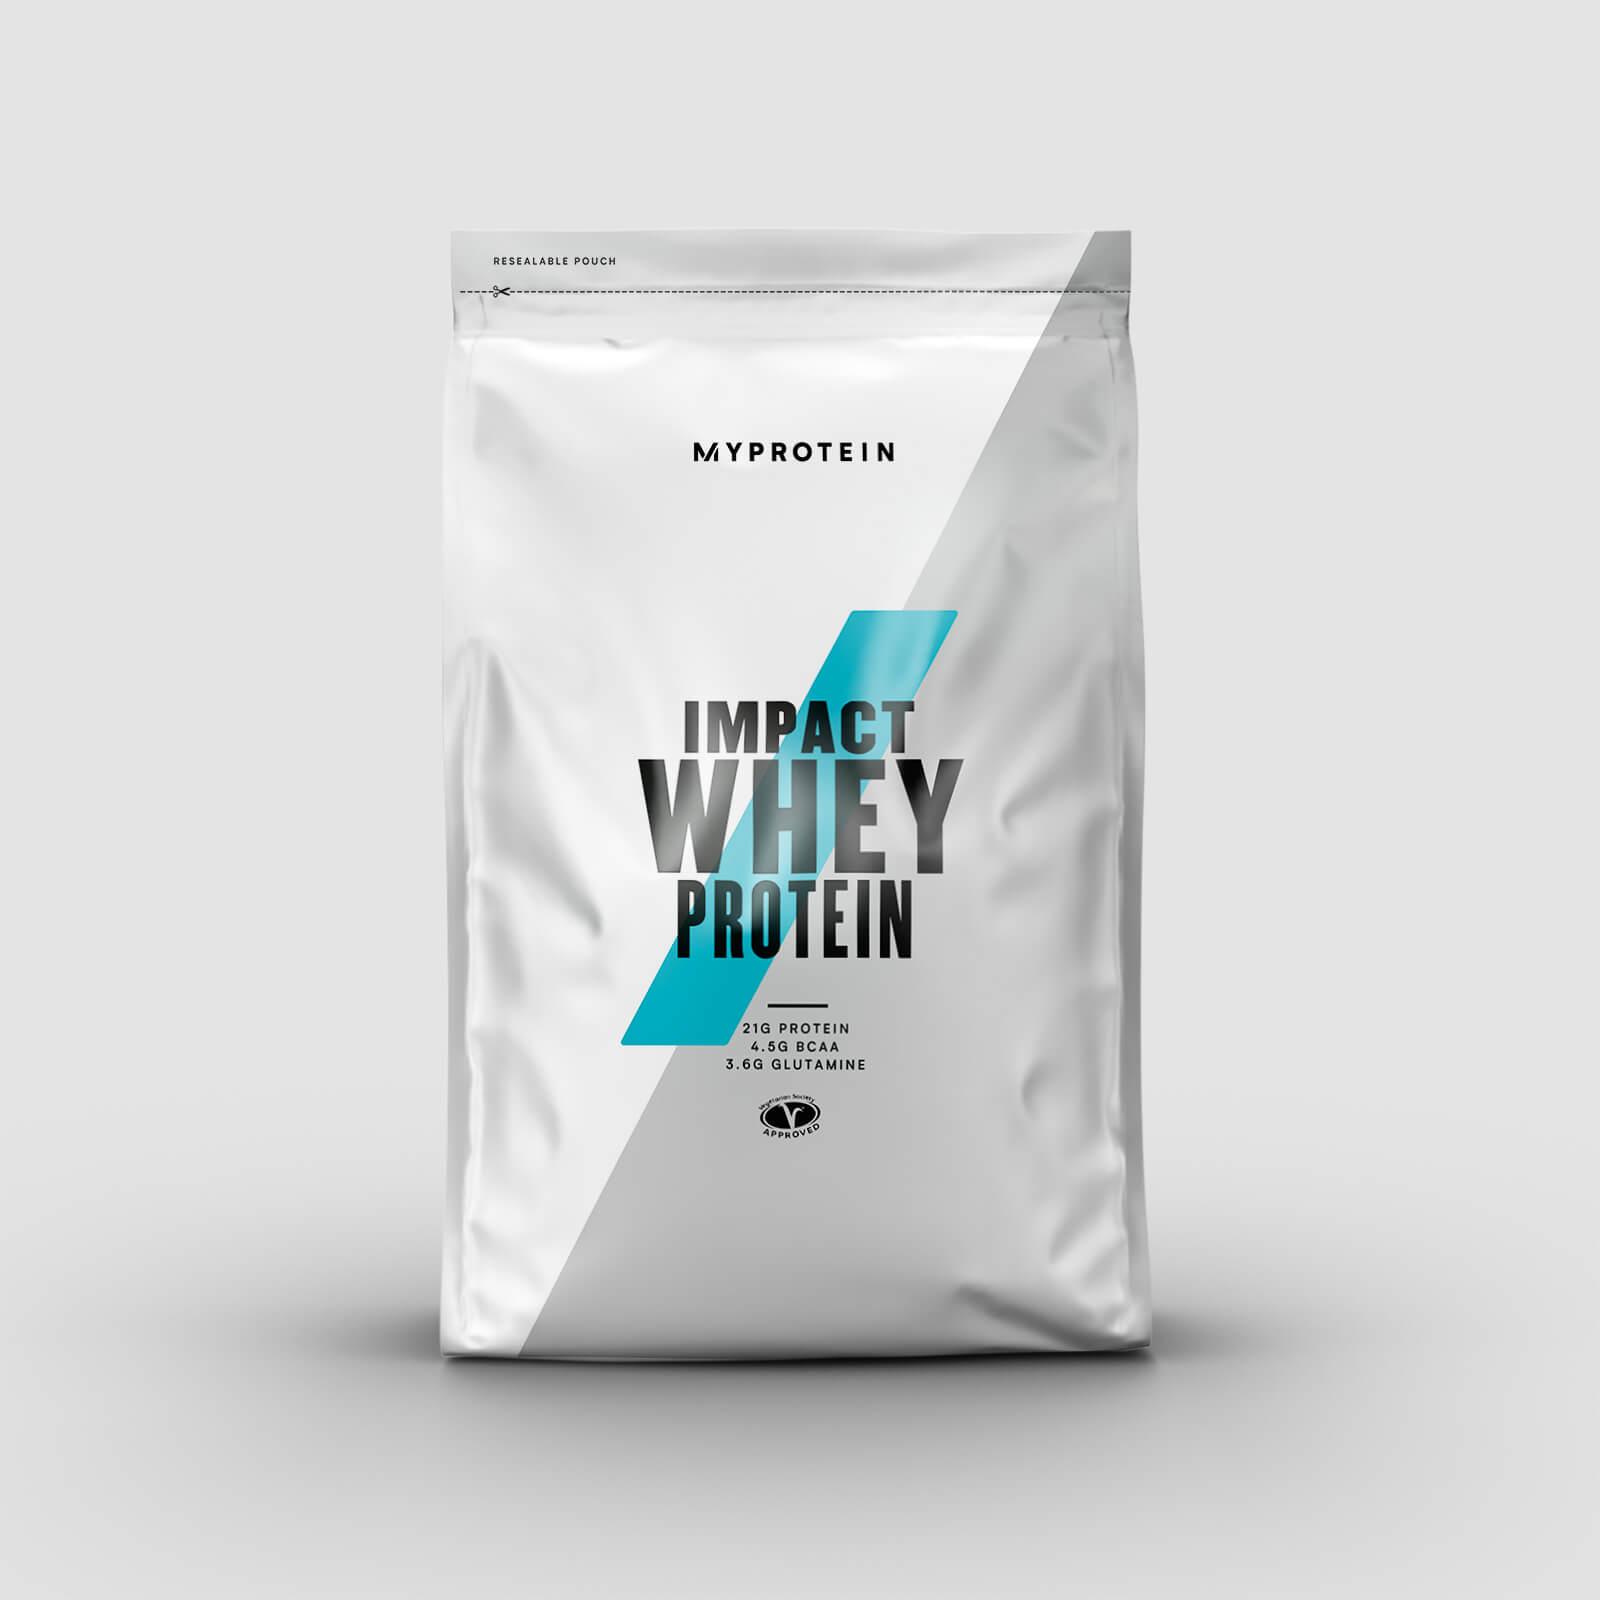 Myprotein Impact Whey Protein - 2.5kg - Chocolat blanc